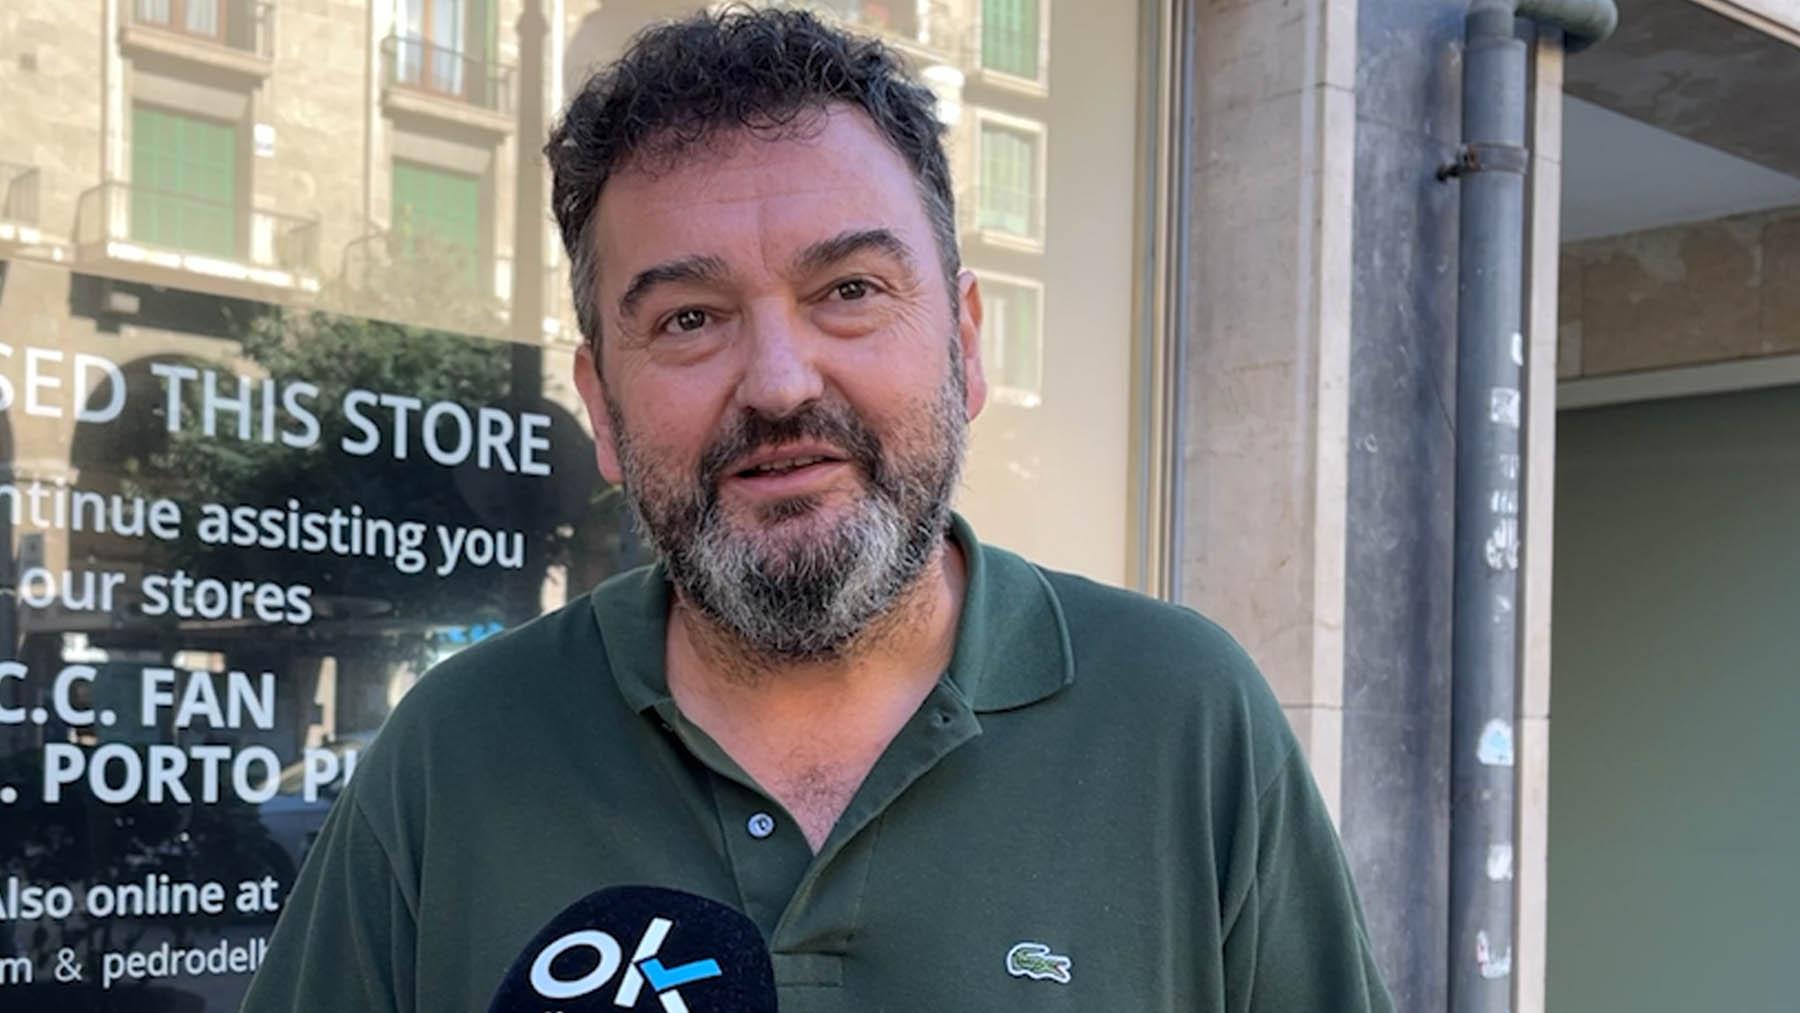 El presidente de Afedeco, Toni Gayà, frente a la tienda de Cortefiel en Palma que ha cerrado.